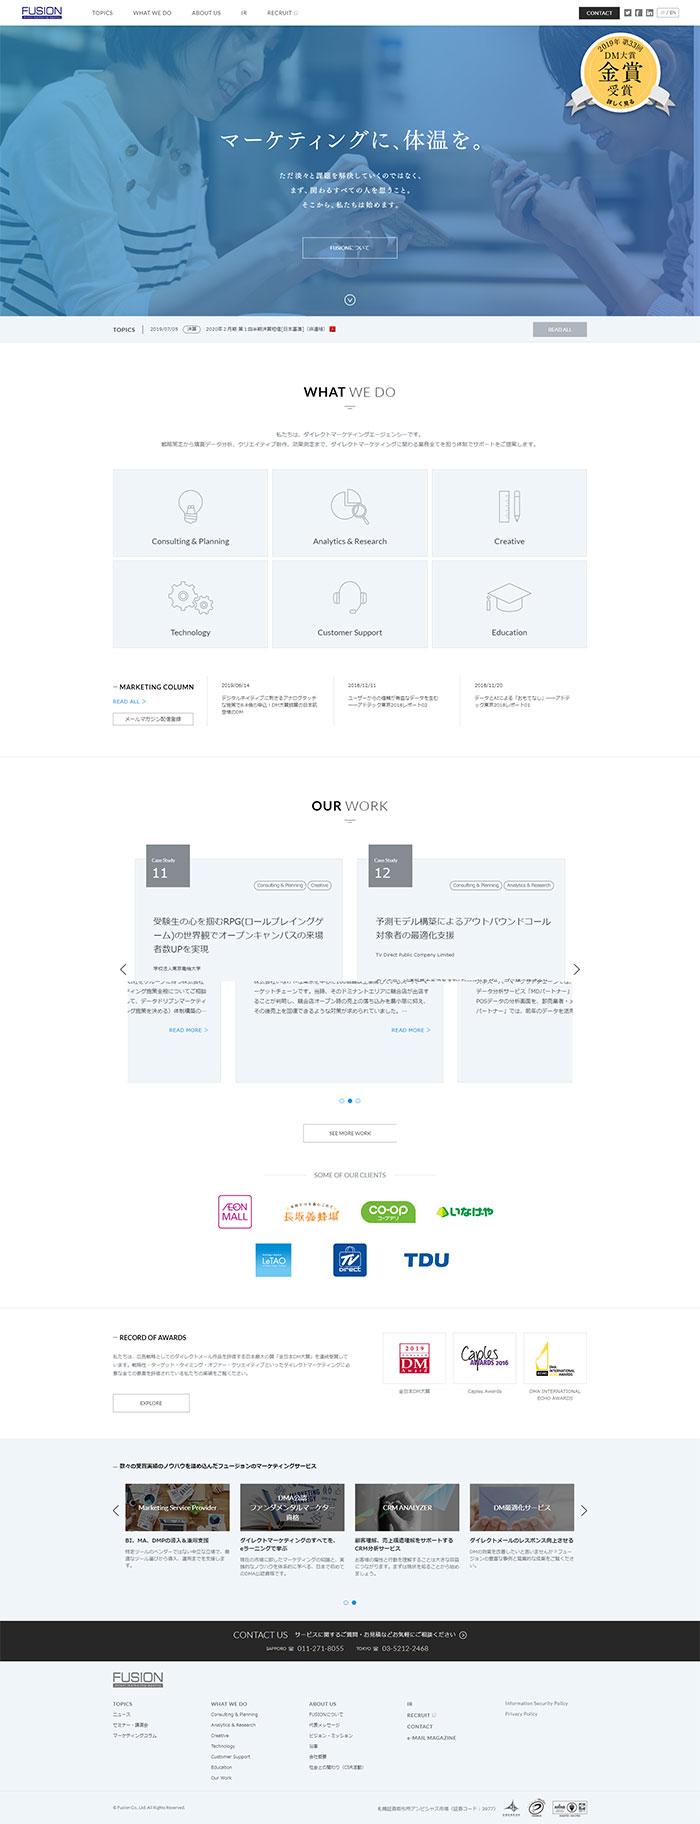 フュージョン株式会社|ダイレクトマーケティングエージェンシー